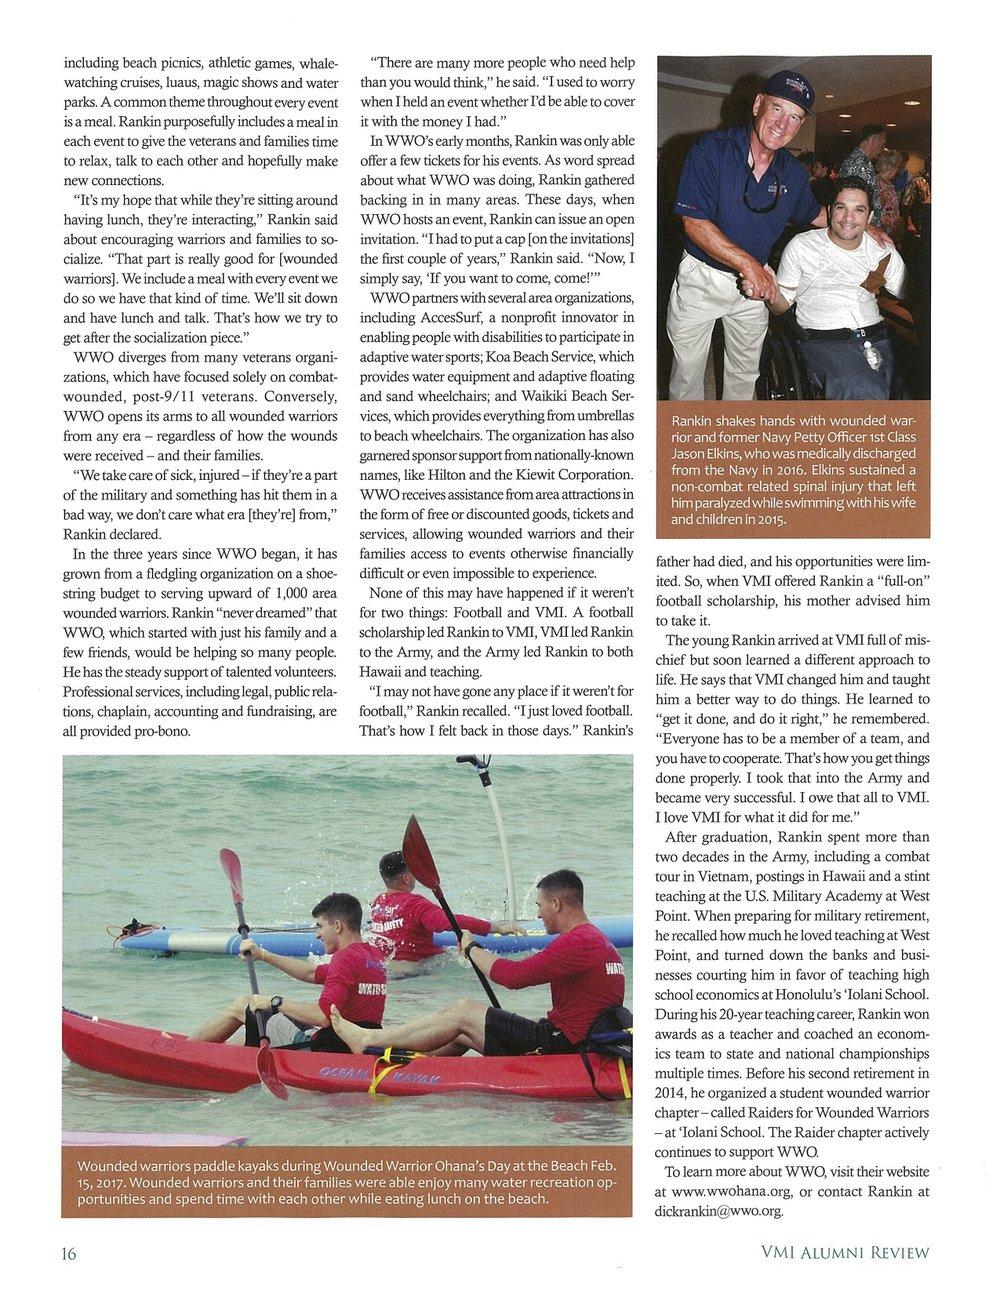 VMI Alumni Review Article p2.jpg